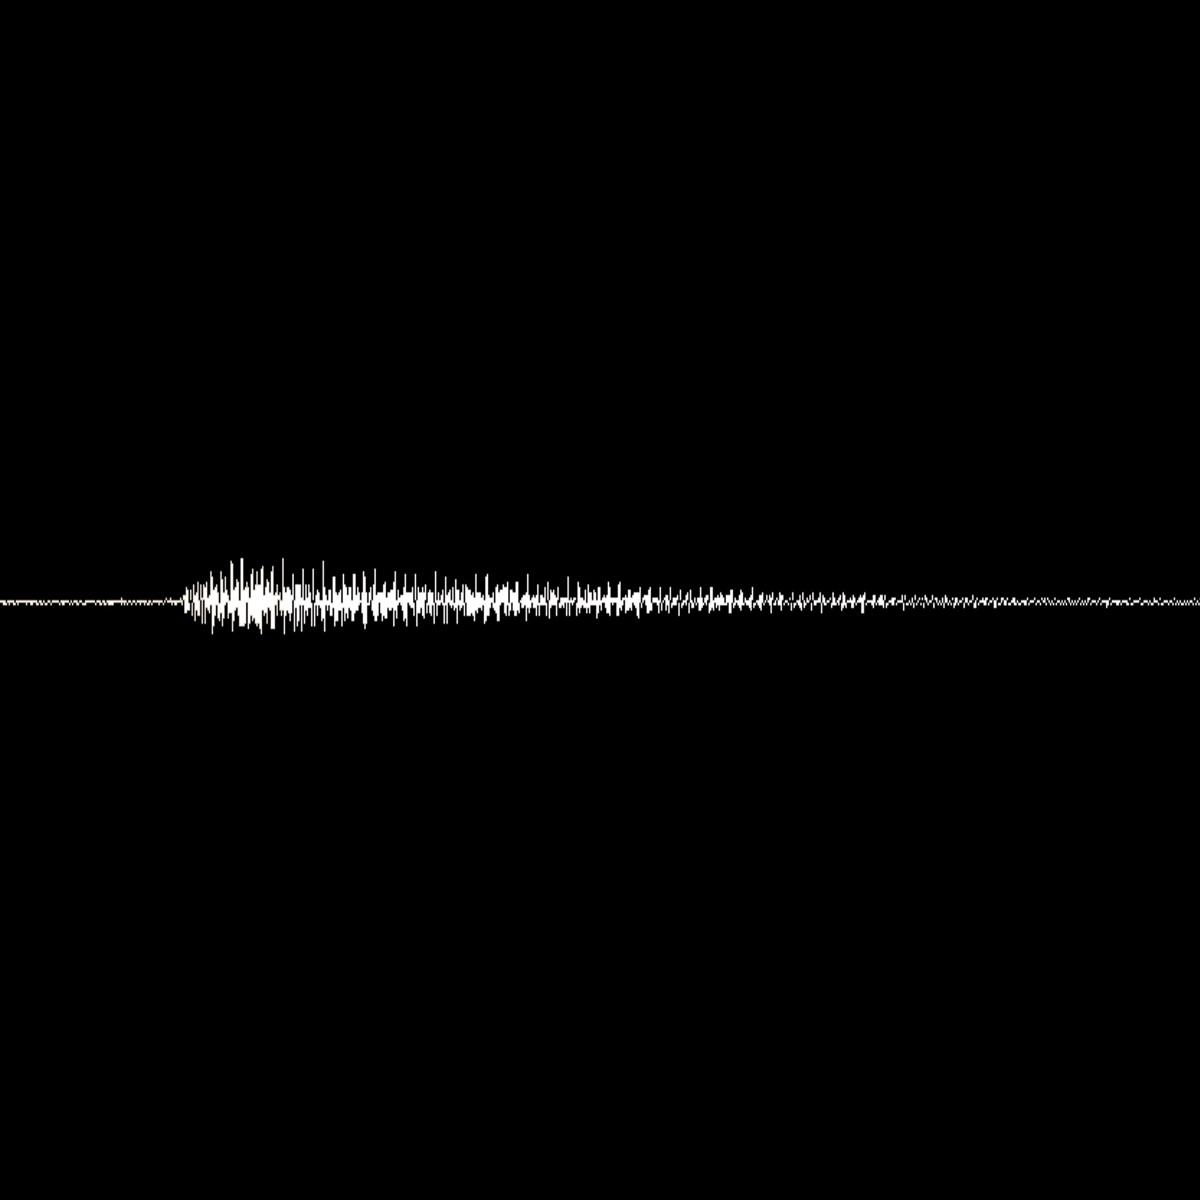 『ゴールデンボンバー振動』収録の『振動』ジャケット